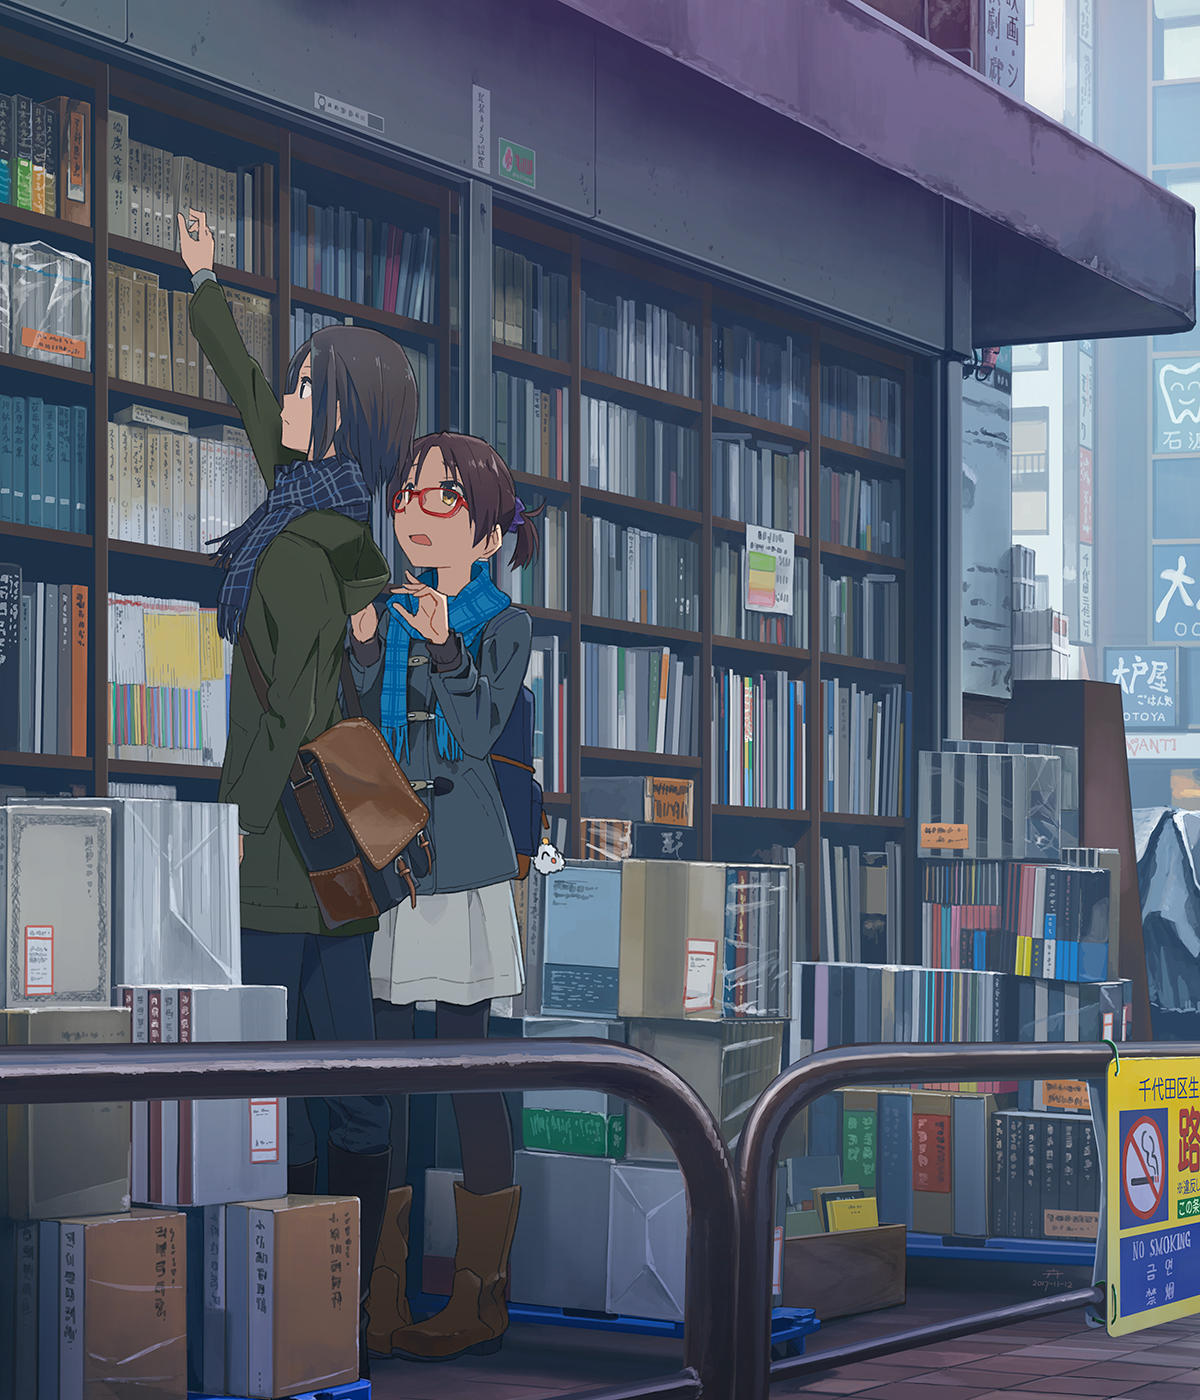 Yaguchi Bookstore by kskb